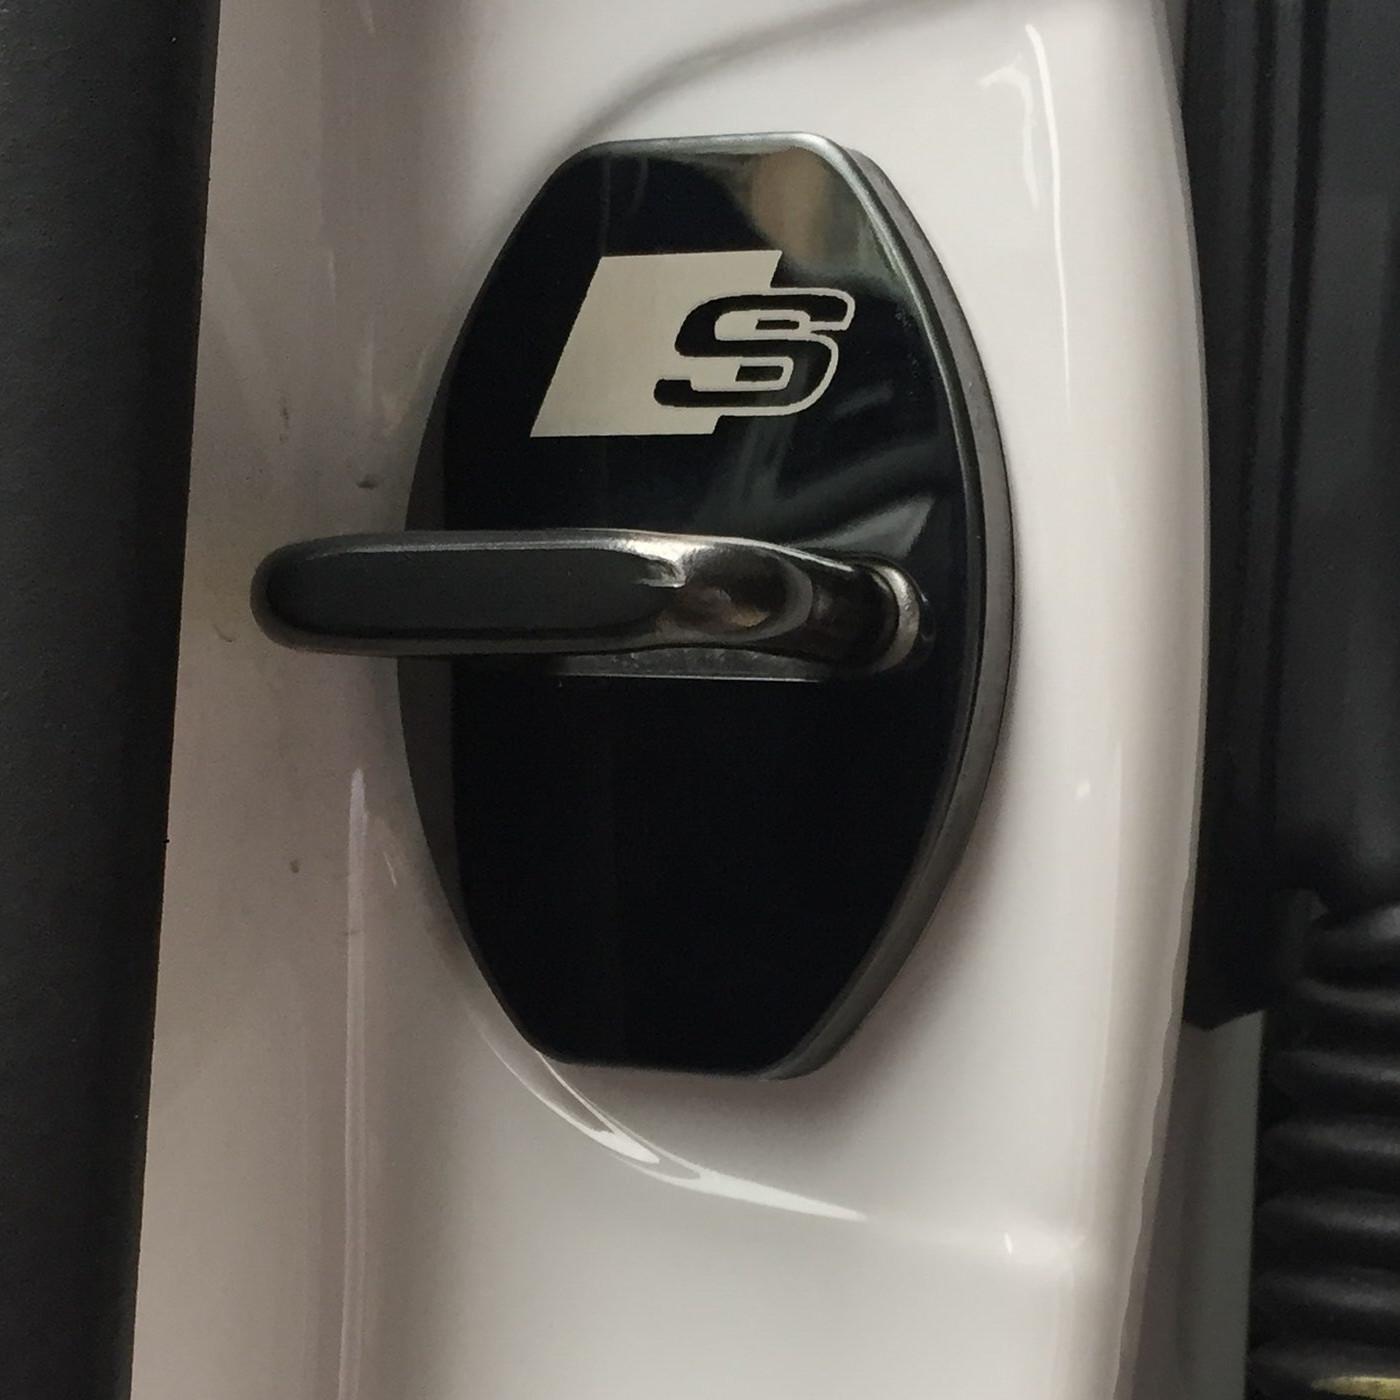 4 PCS / Set Nouvelle Collection voiture serrure de porte capots protecteurs cas anticorrosif pour AUDI A1 A3 A4 A5 A7 A8 Q3 Q5 style de voiture Q7